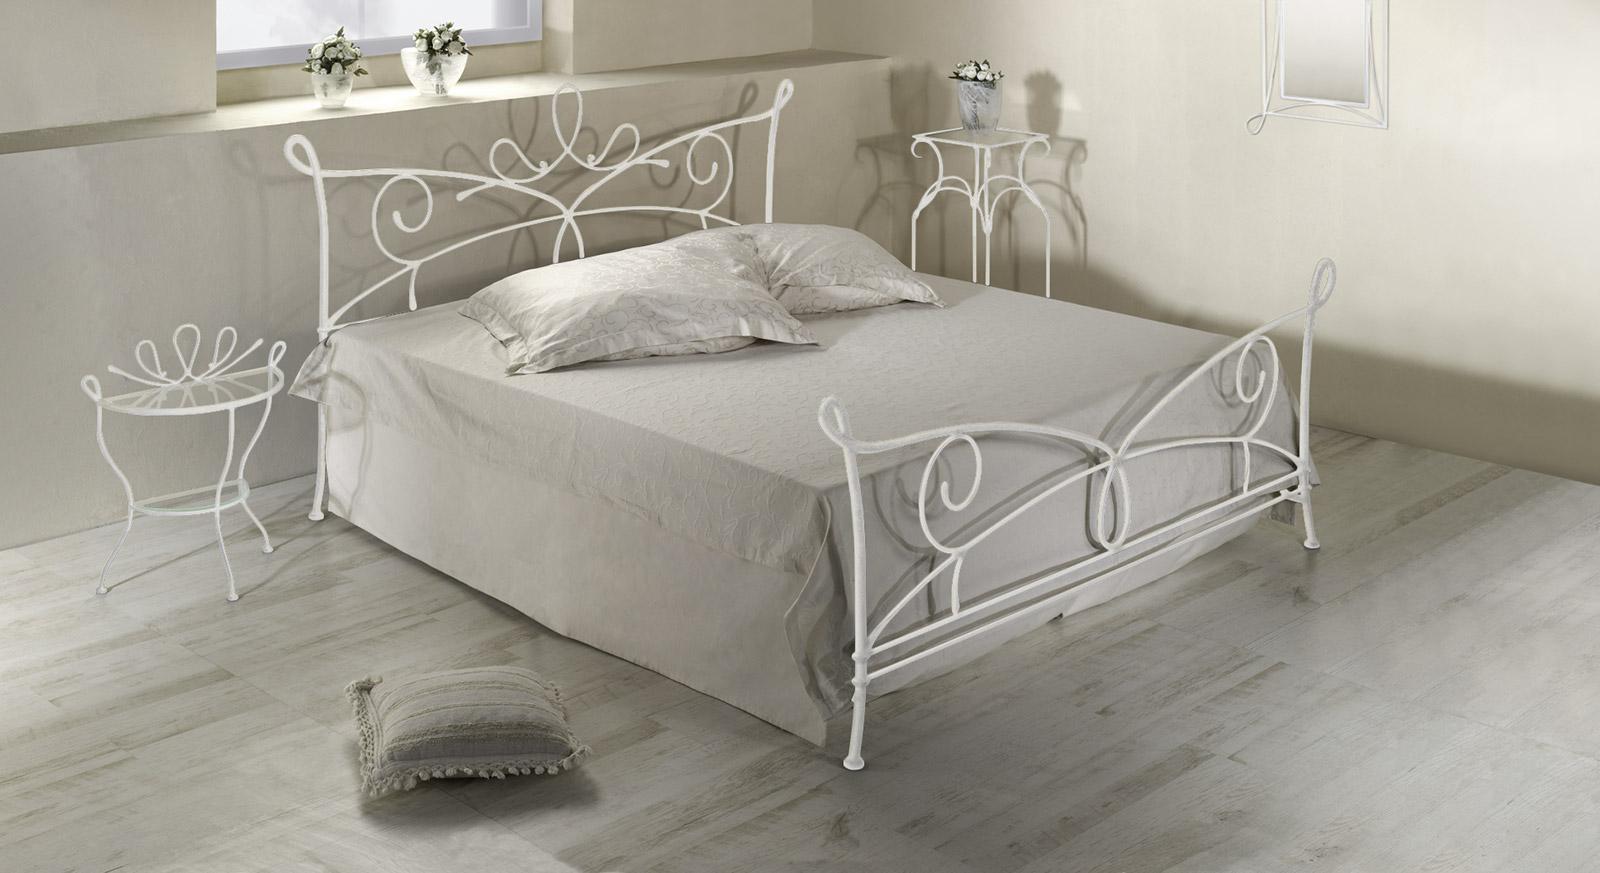 metallbett 140x200 silber trendy schwarzes metallbett xcm mit neuer matratze und lattenrost. Black Bedroom Furniture Sets. Home Design Ideas